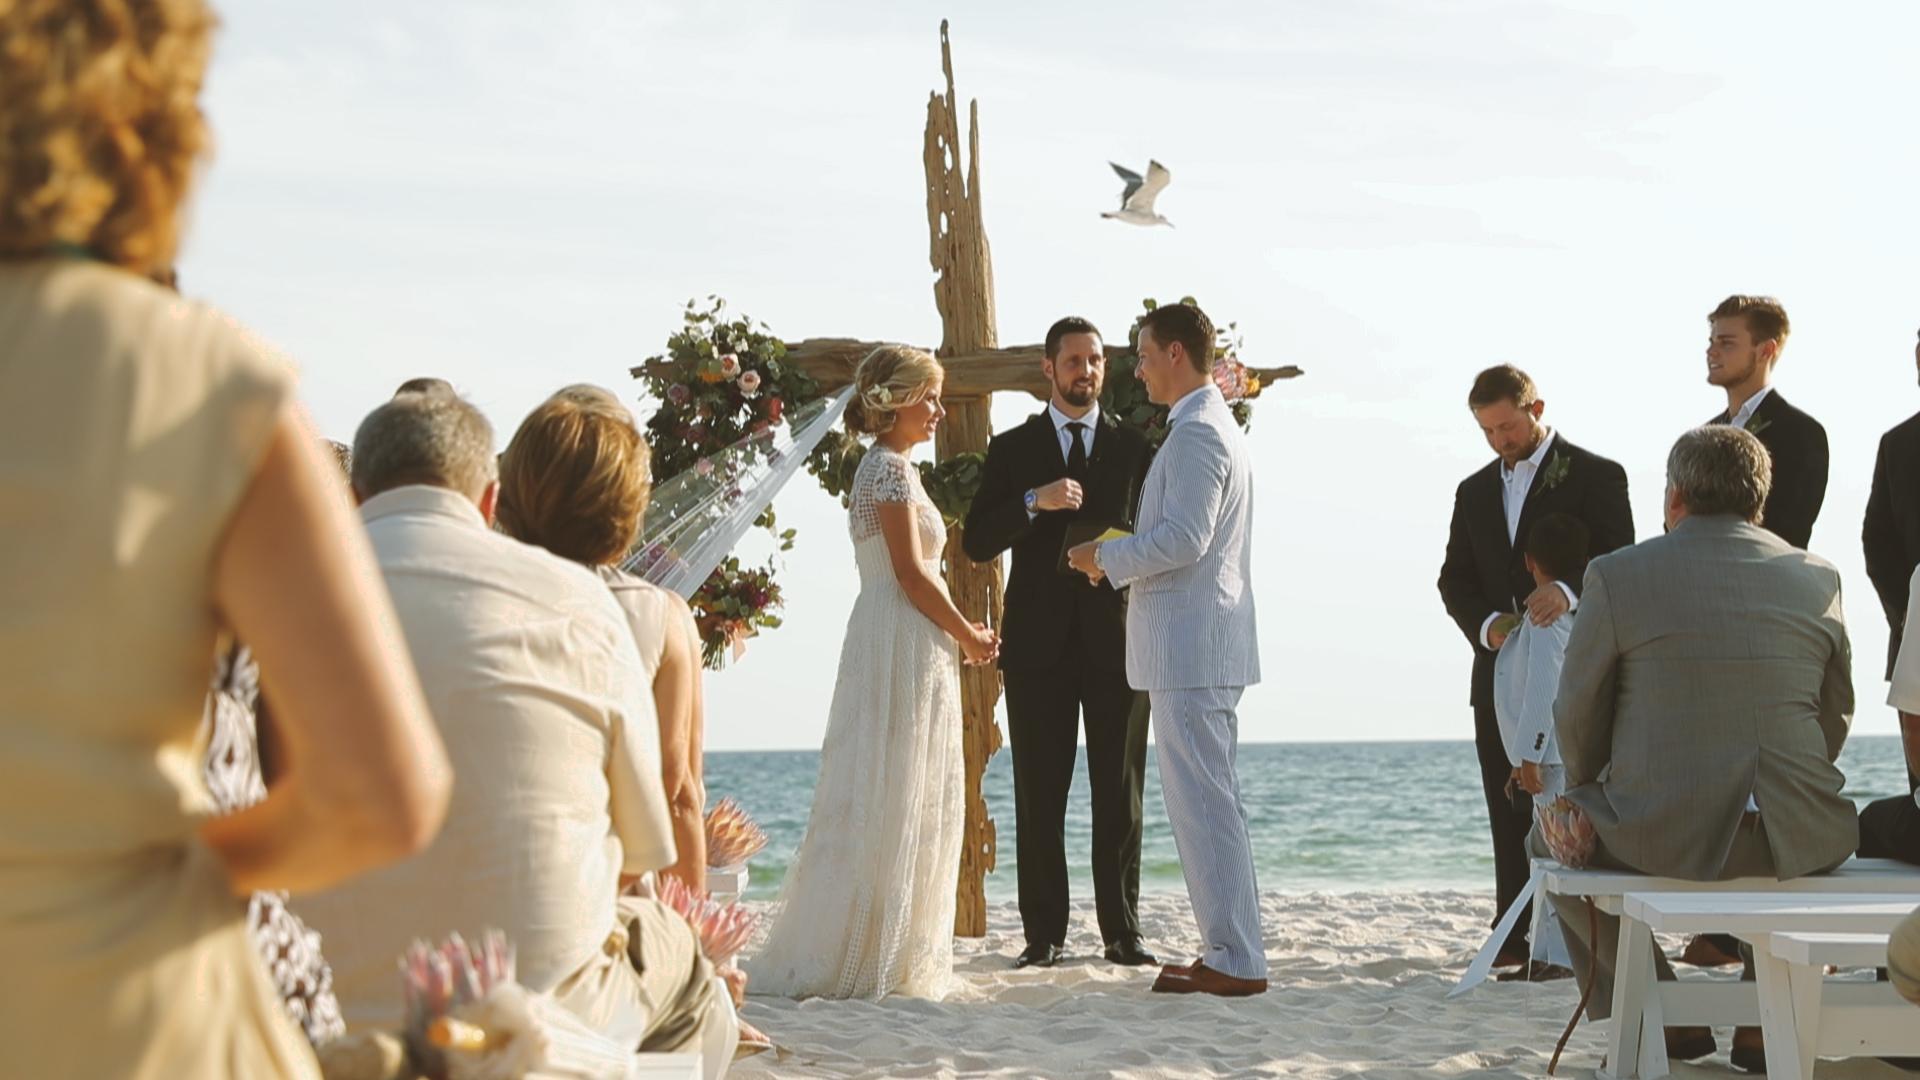 Personal Vows - Bride Film